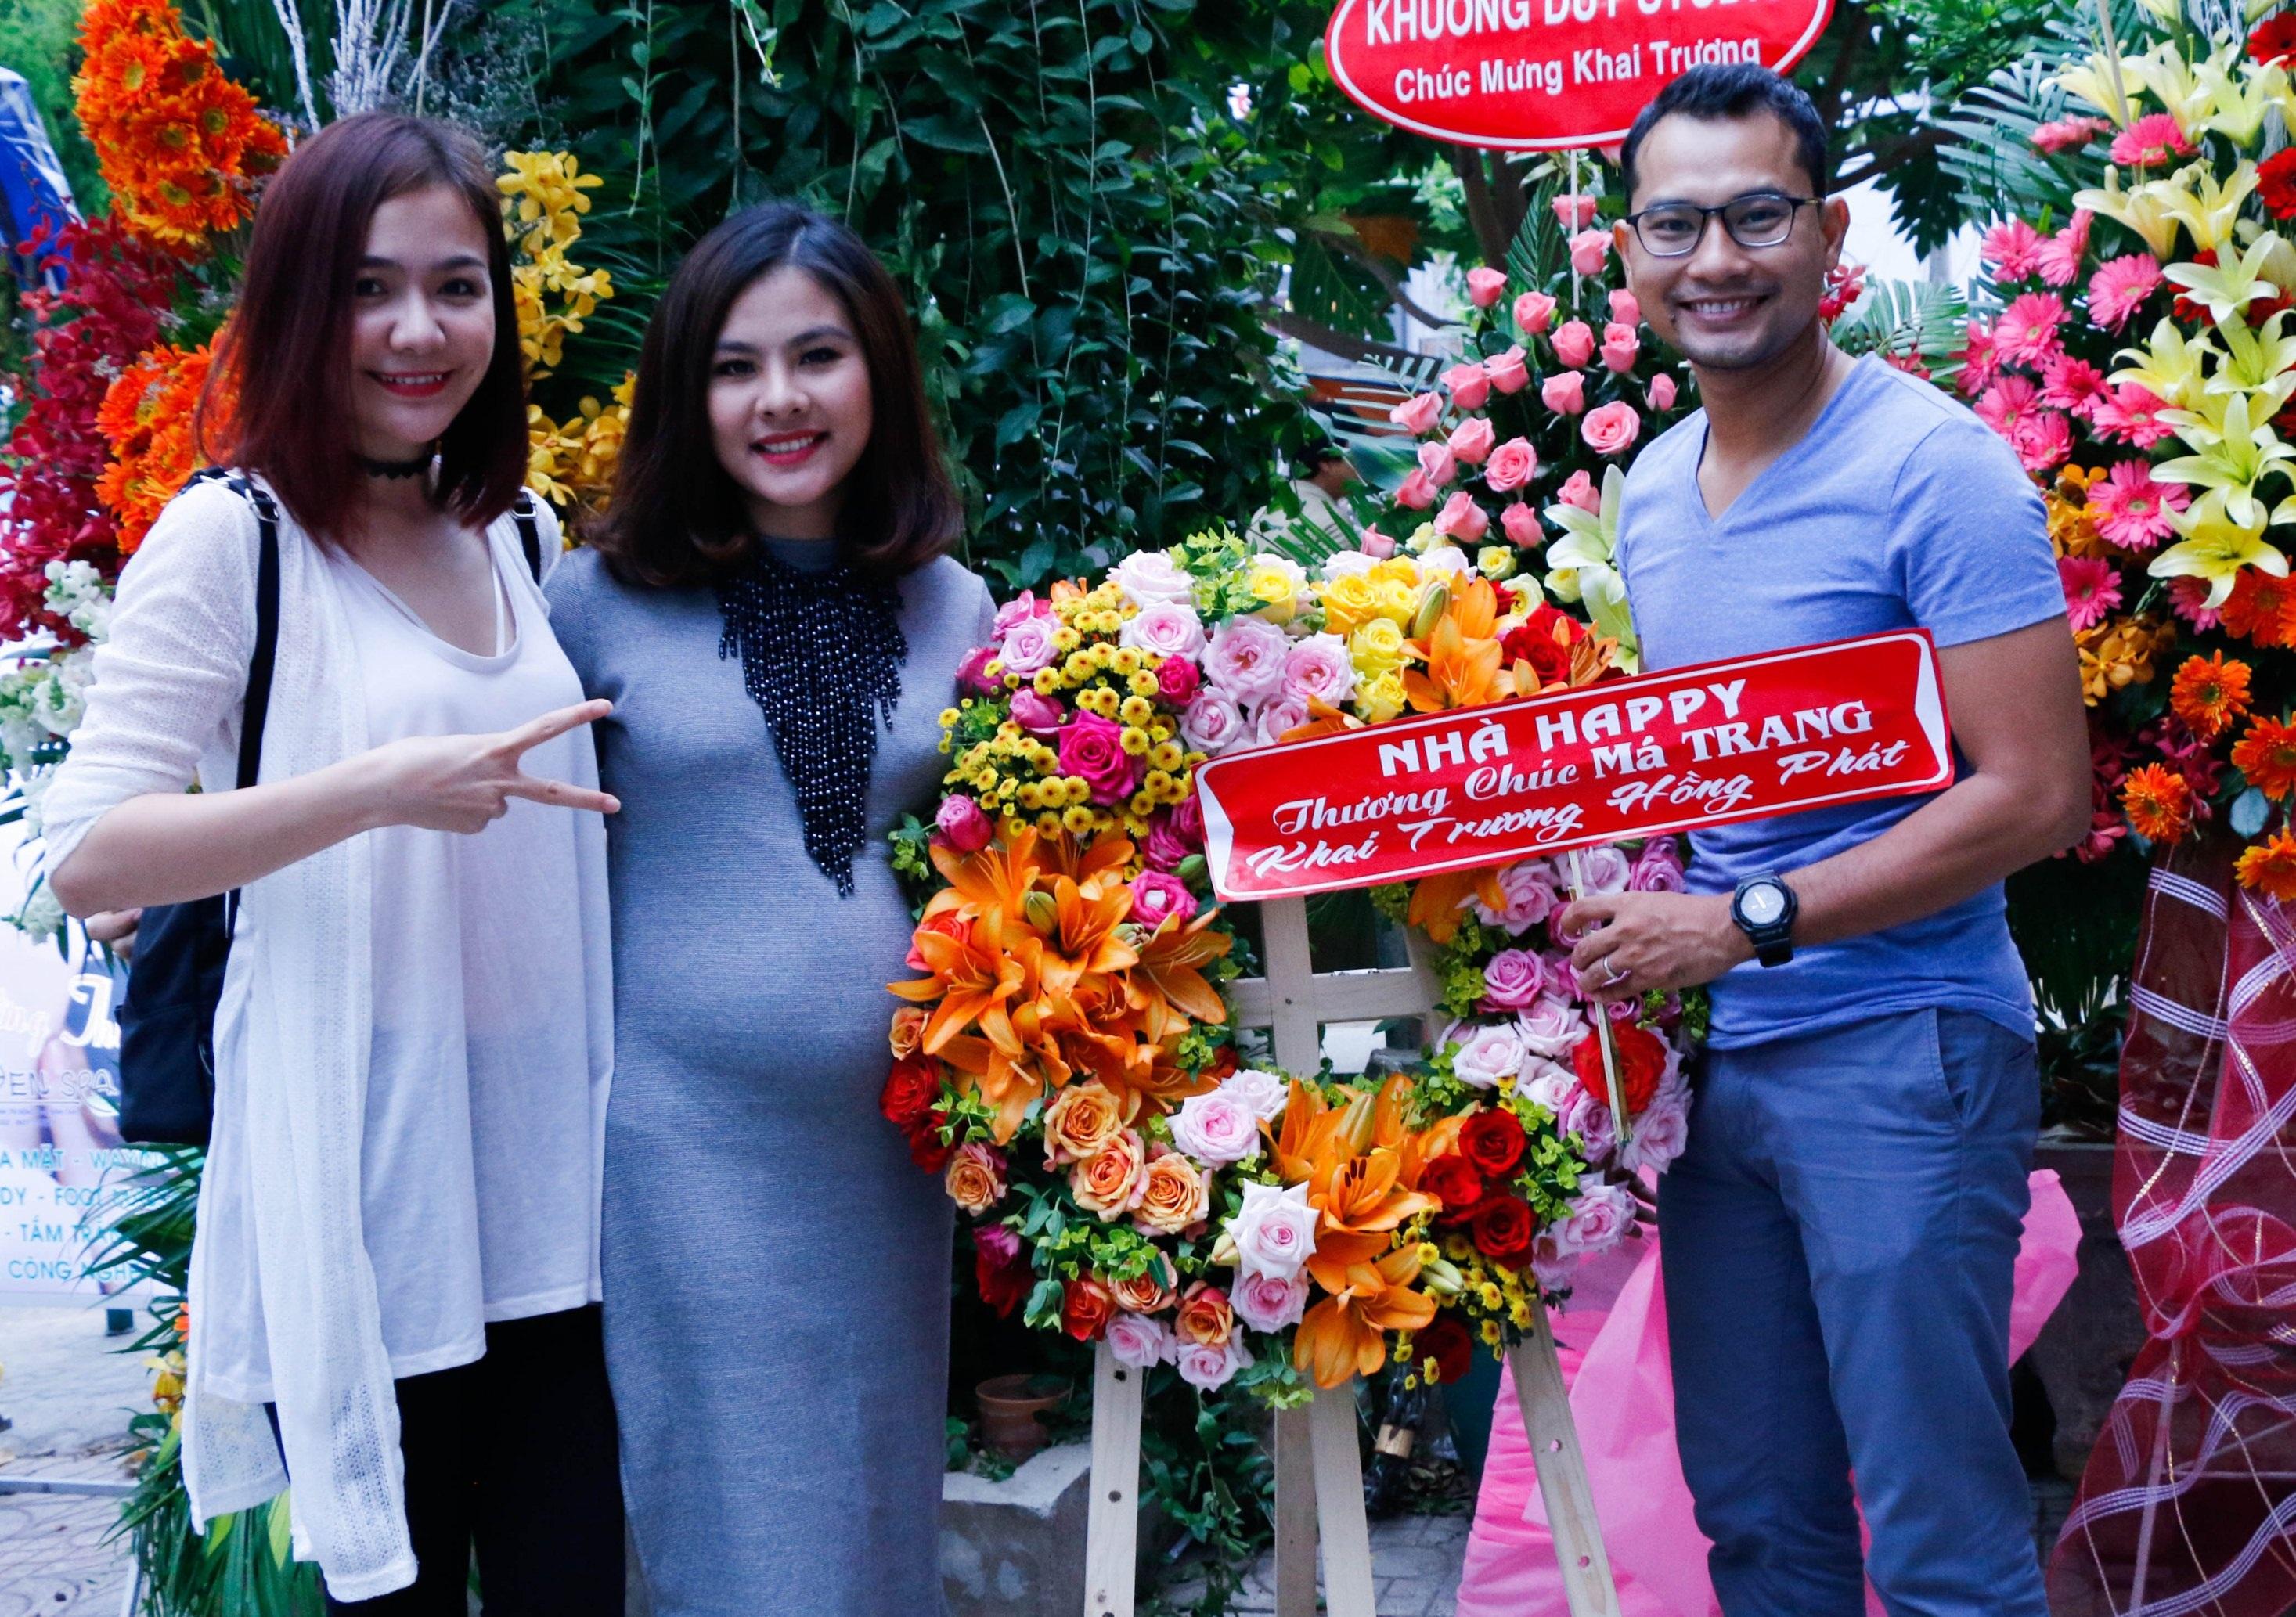 Hai vợ chồng Huỳnh Đông và Á Châu đến chia vui cùng Vân Trang, mọi người xem nhau như anh em trong gia đình khá thân thiết